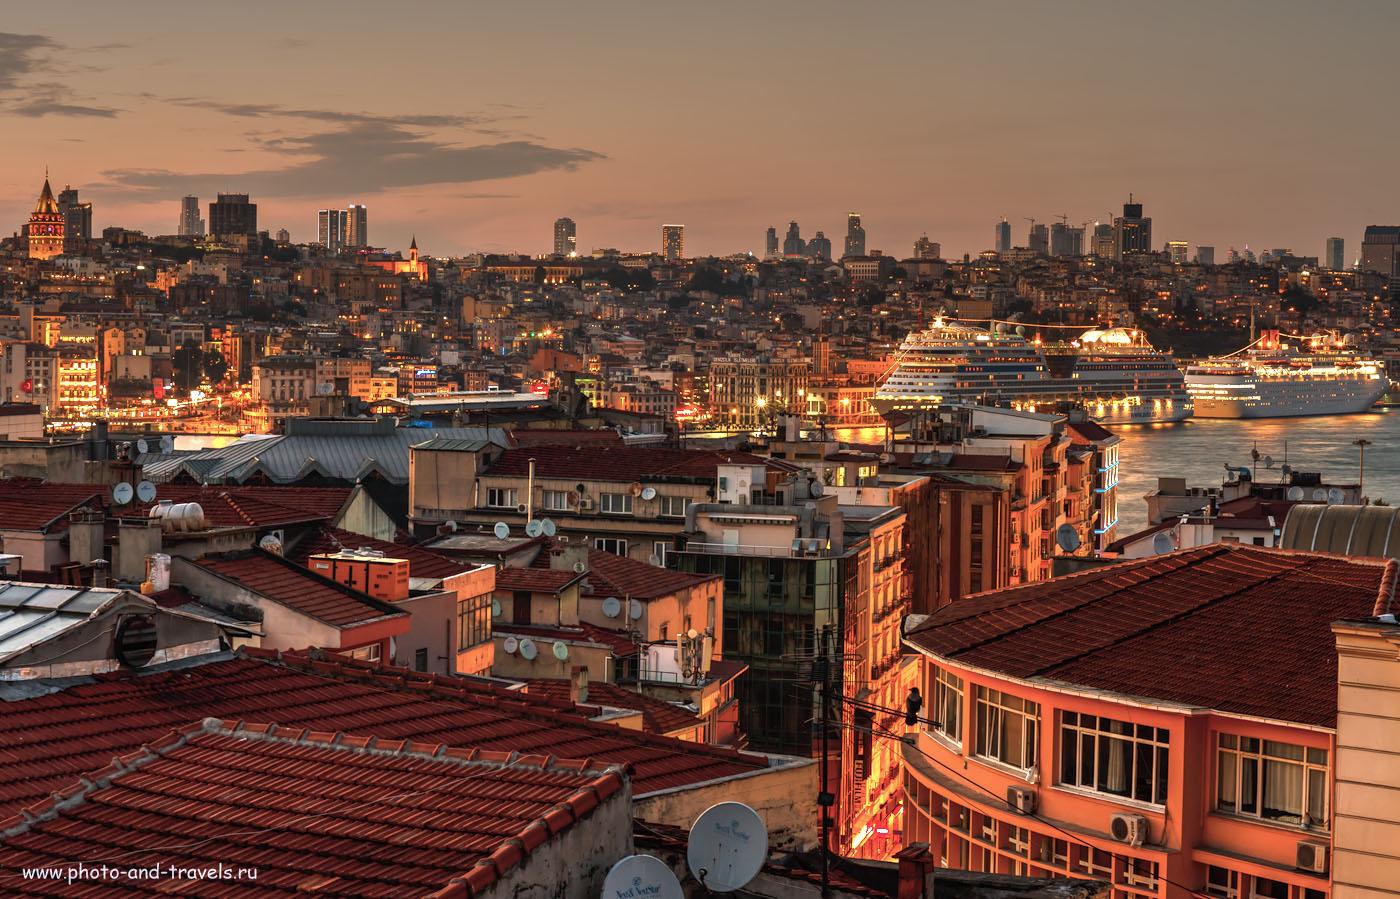 Фотография 19. Вид на Босфор. Слева – Галатская башня. Самостоятельная поездка в Стамбул во время путешествия по Турции. Изображение получено на полнокадровую камеру Canon EOS 6D с телеобъективом Canon EF 70-200mm f/4L IS. Тонмаппинг. 60, 13 секунд, 100, 70 мм.